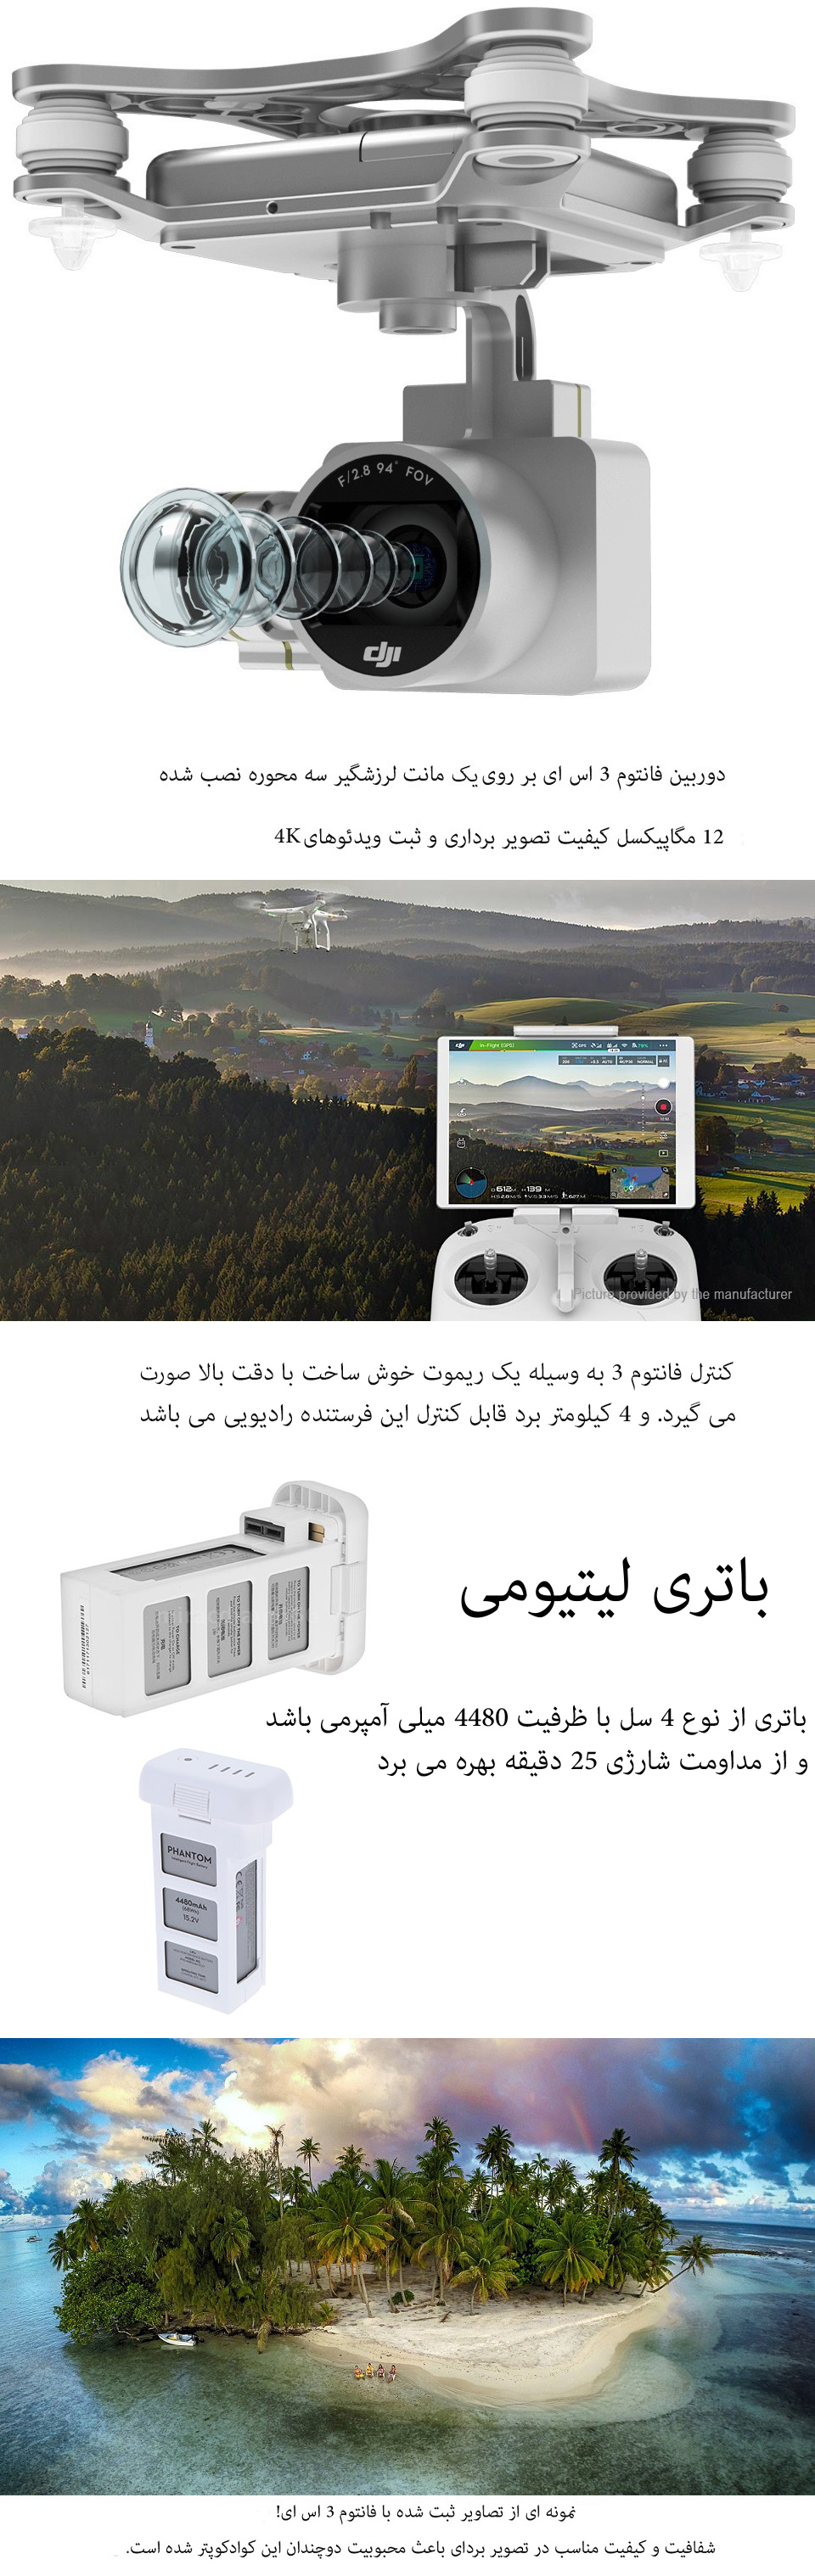 کوادکوپتر Phantom 3 SE - قیمت و خرید فانتوم 3 اس ای